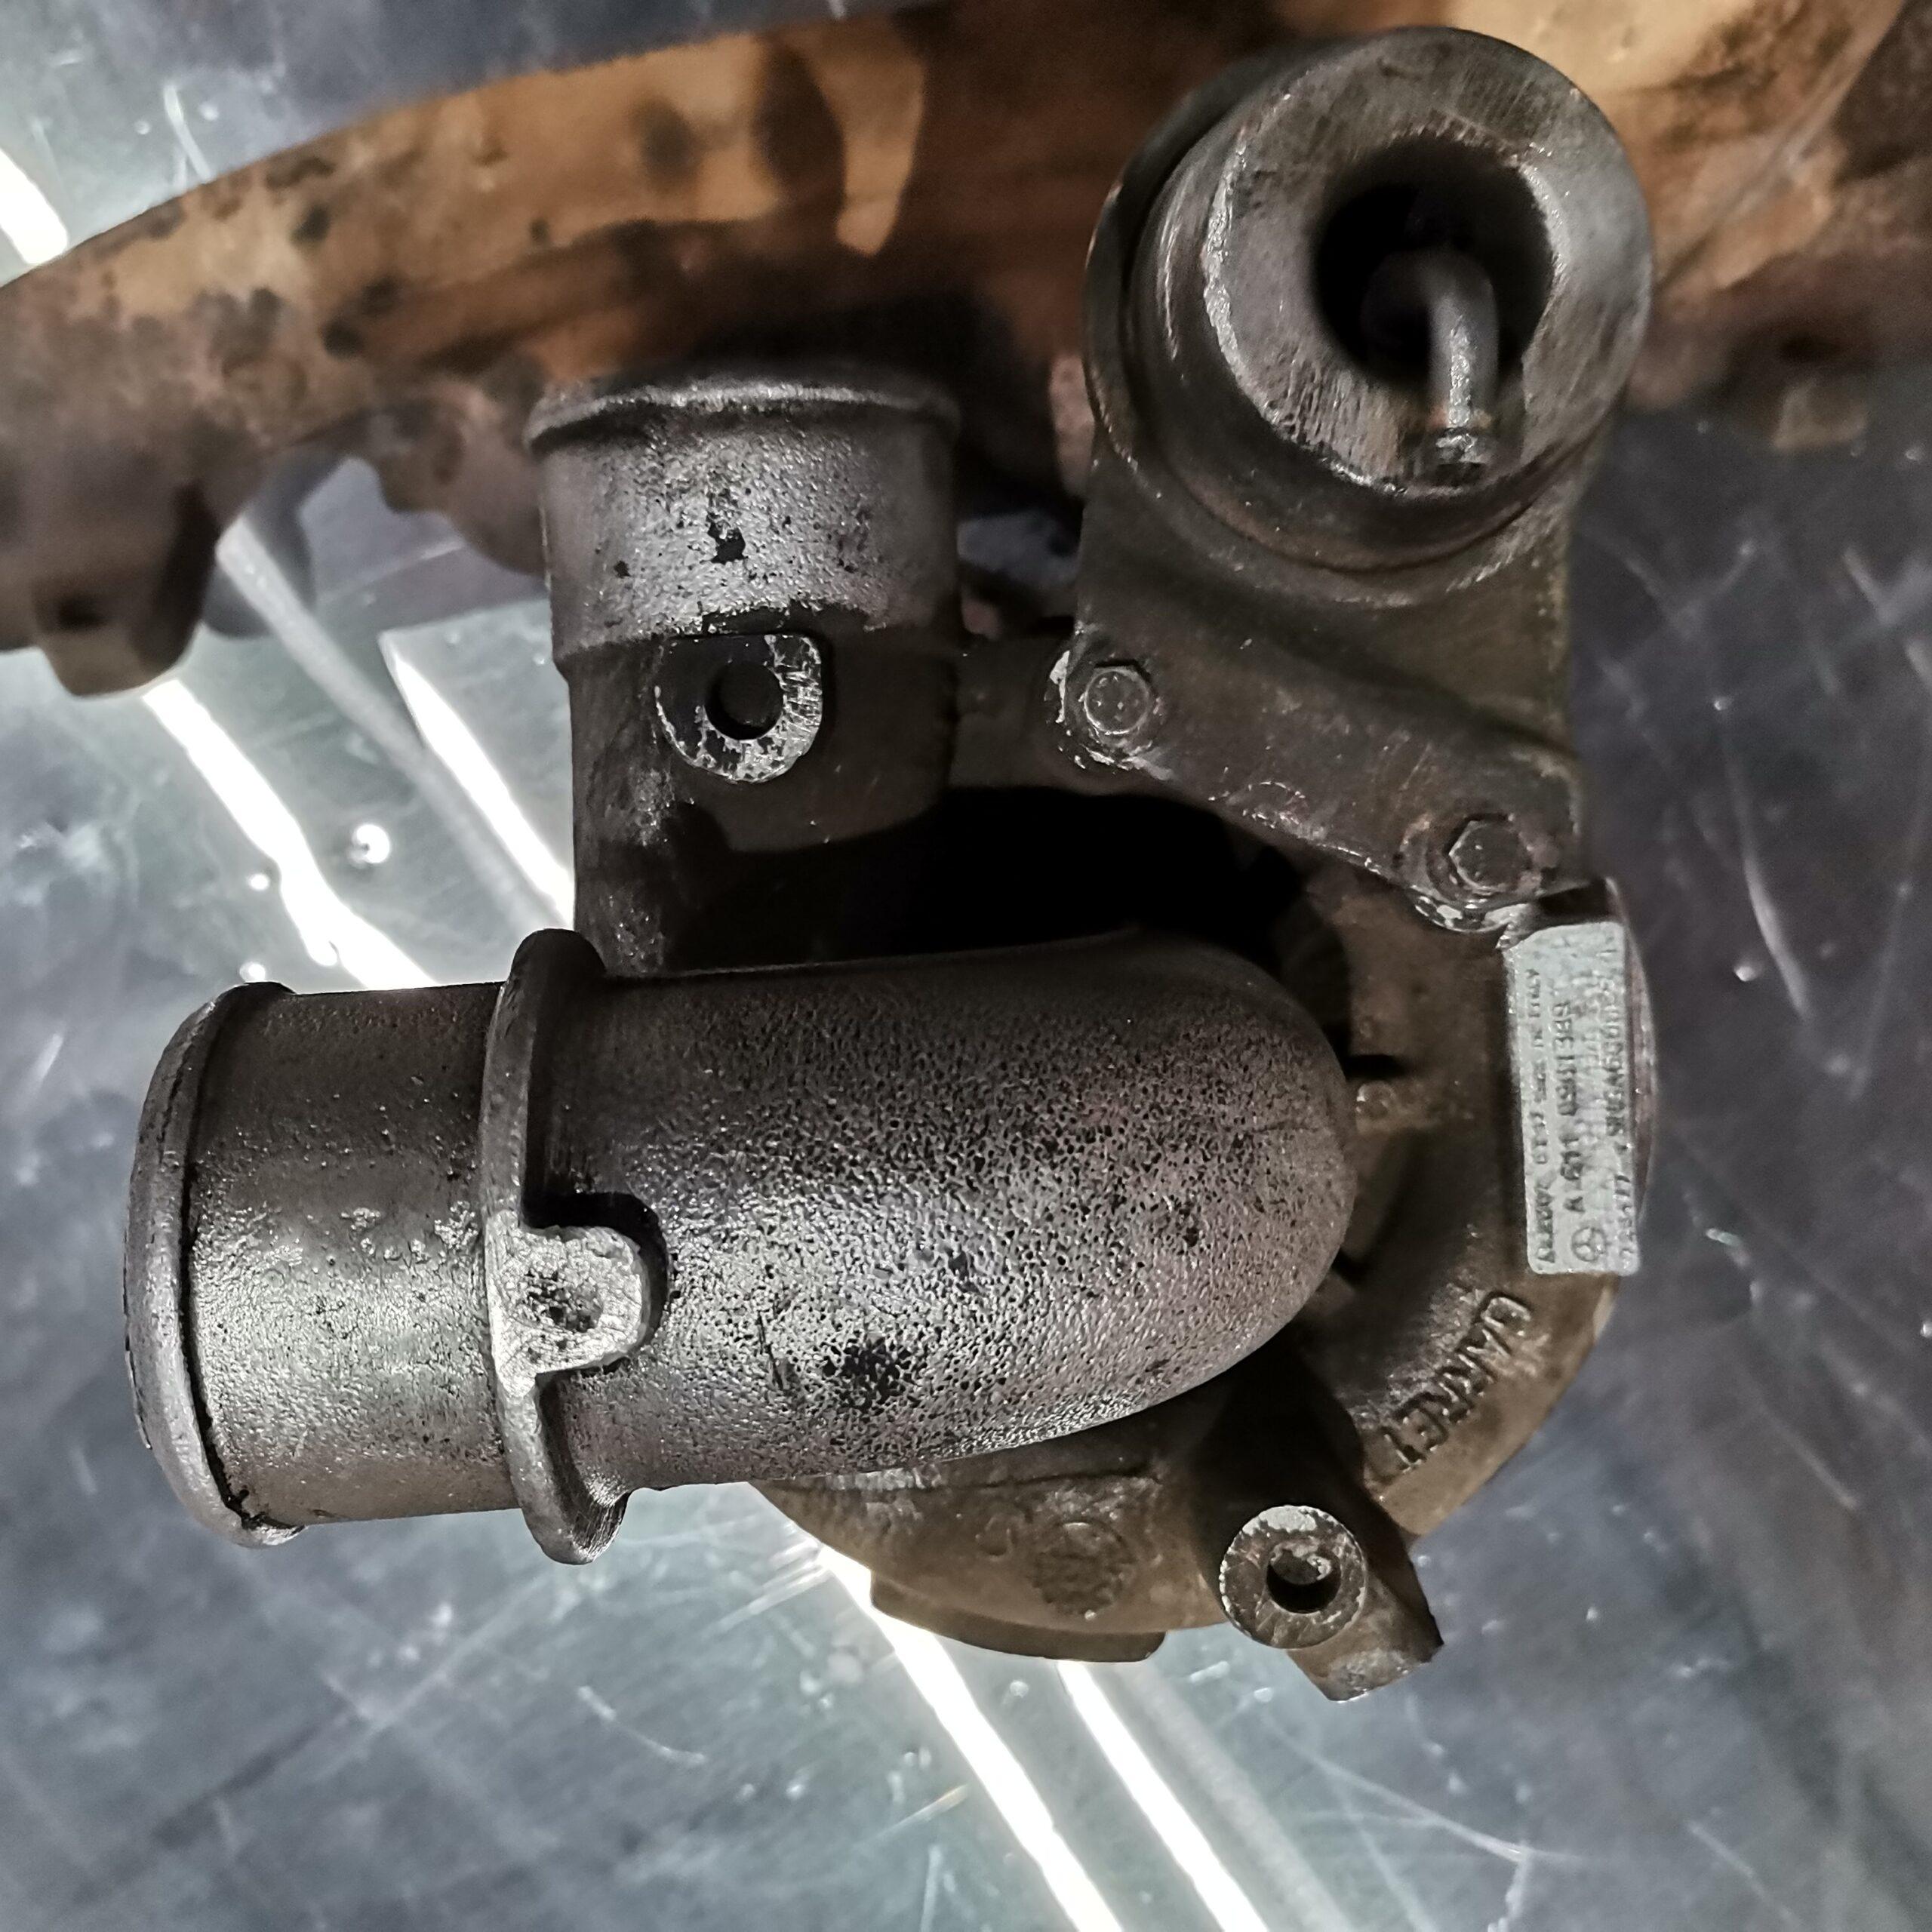 Сломанный турбокомпрессор на Mercedes Vito 2.2 л.